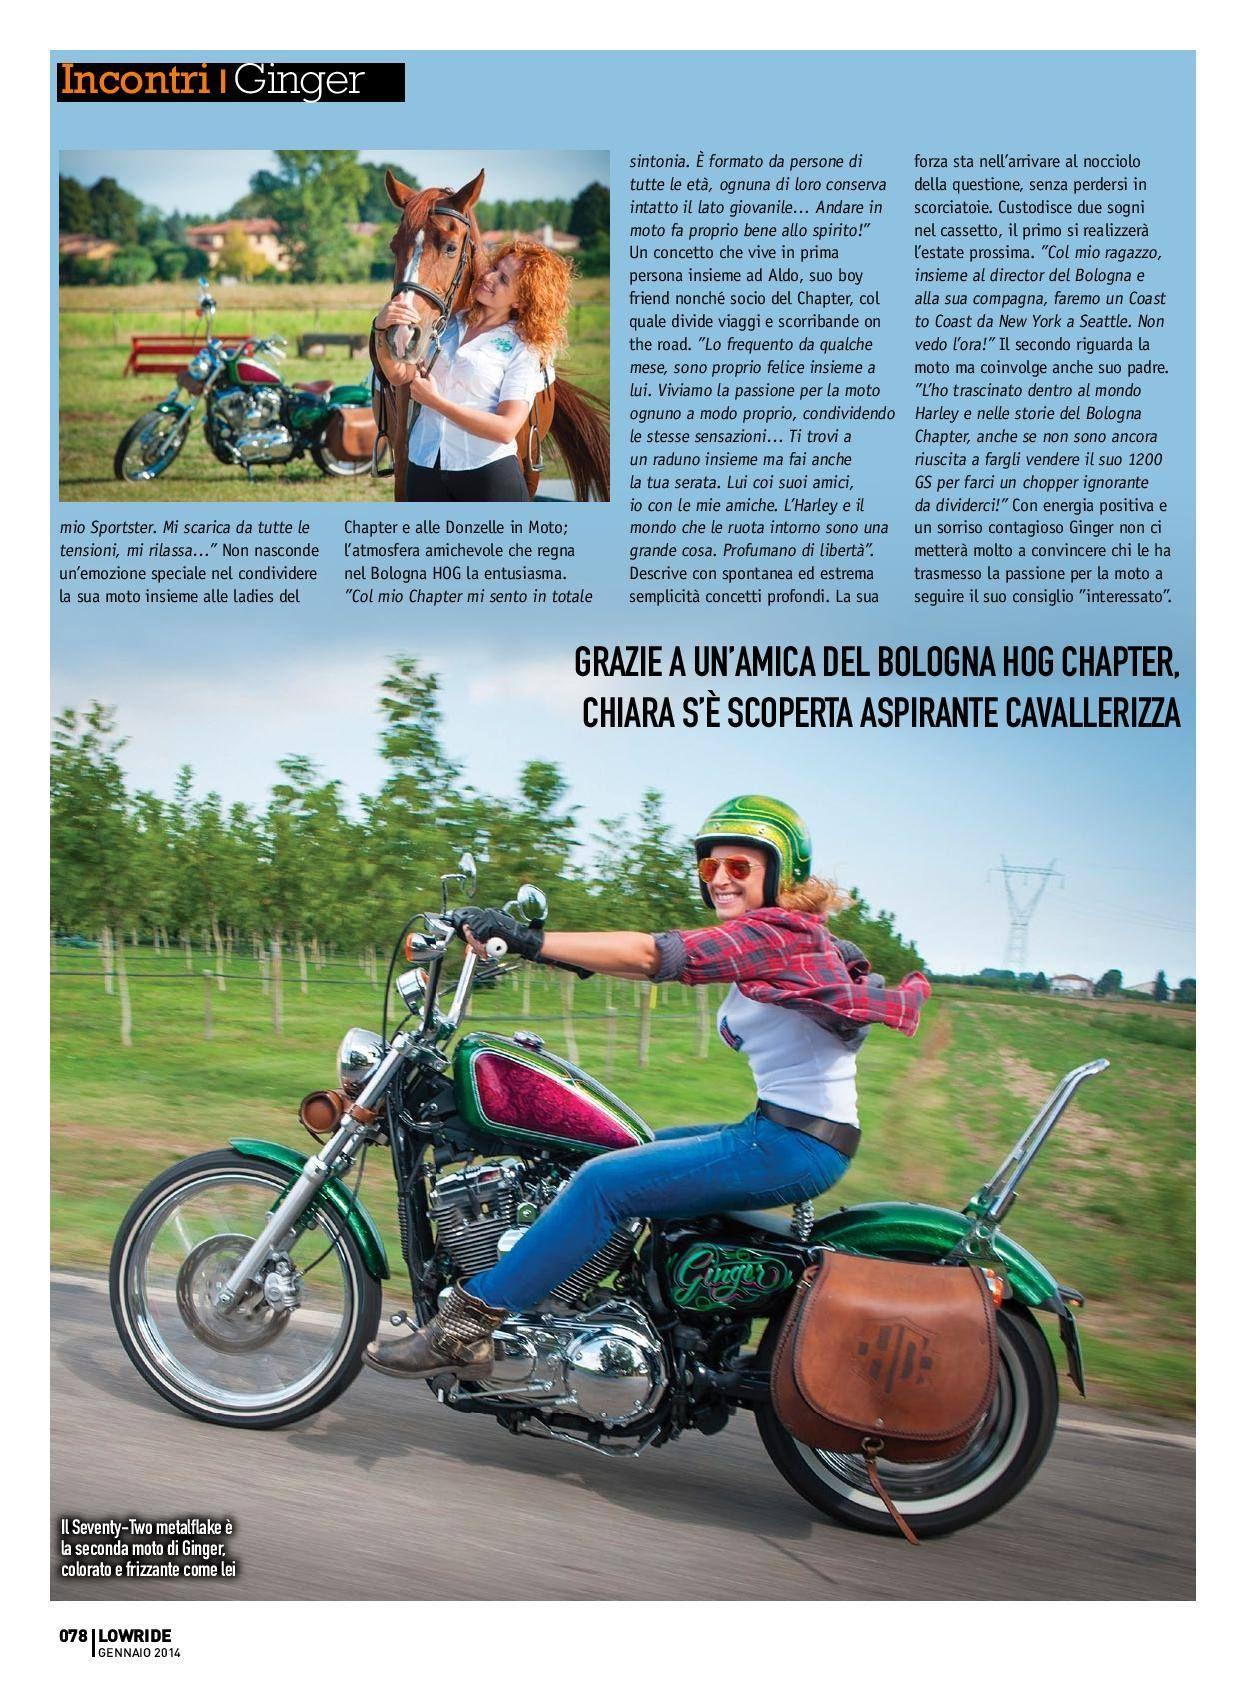 Lowride - Monthly Magazine